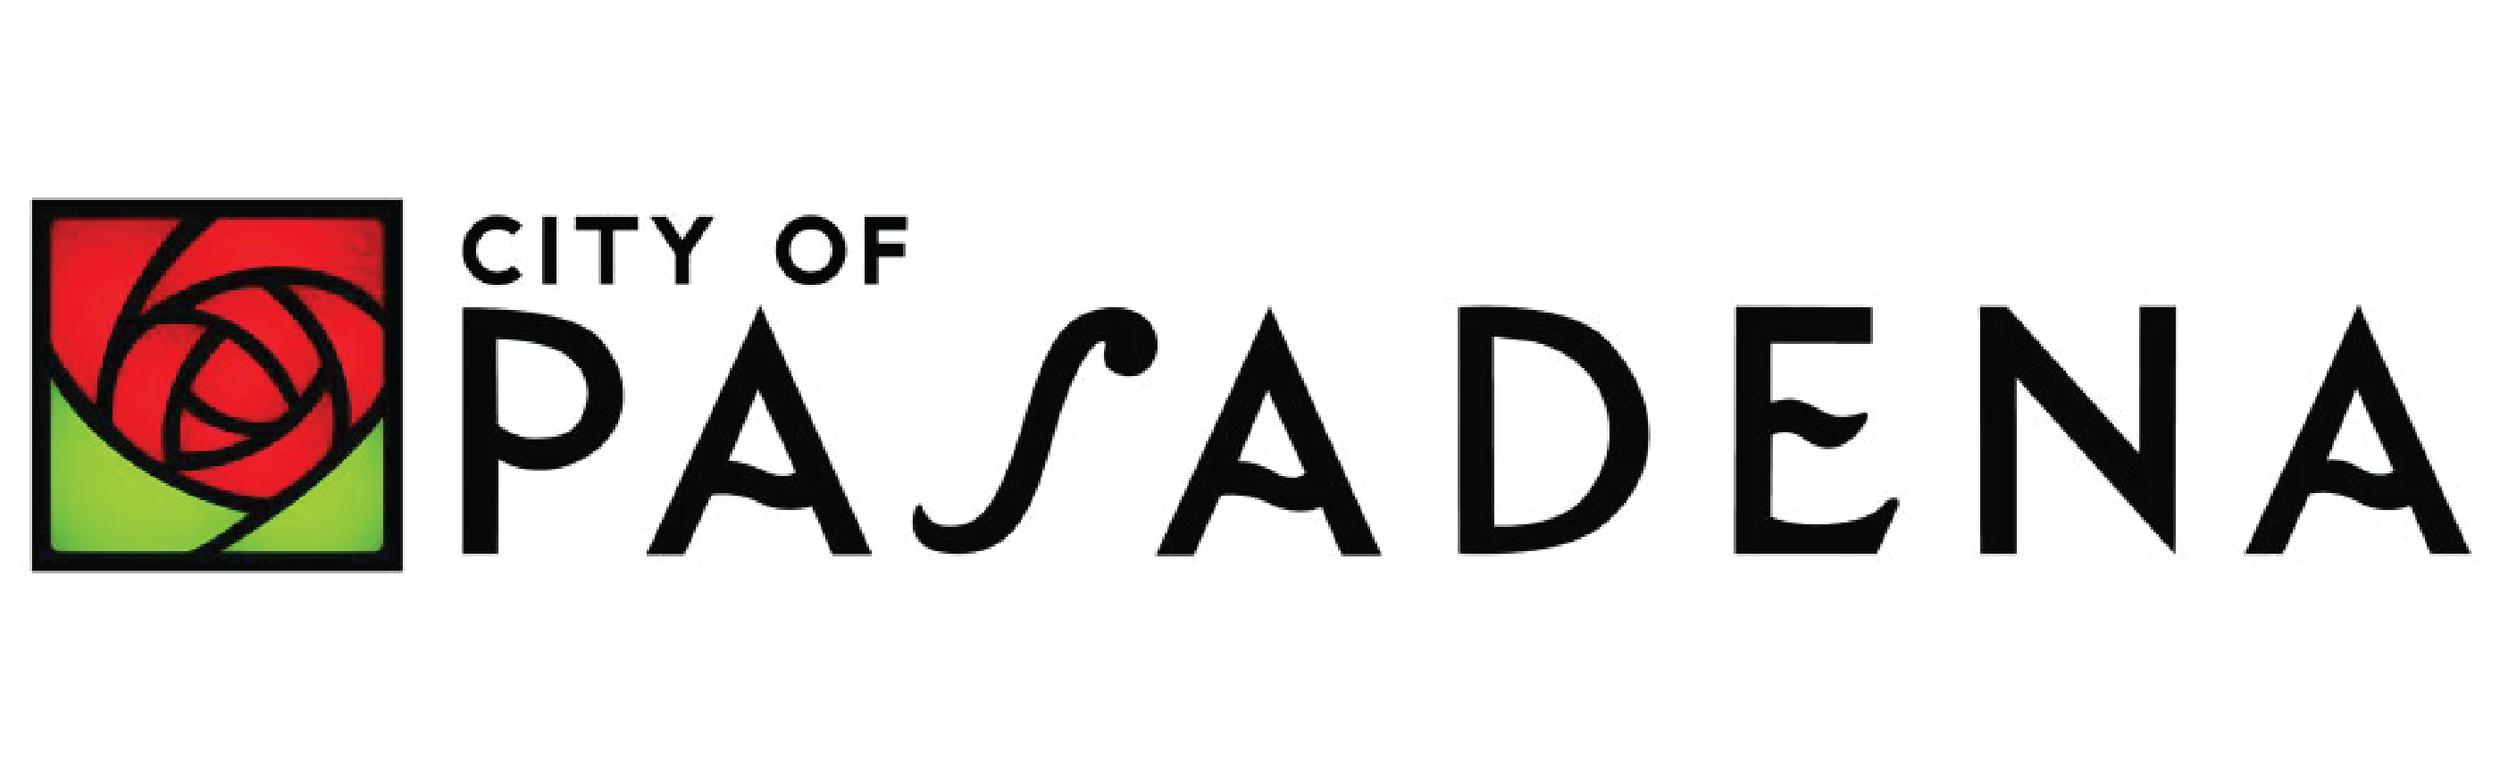 Pasedena logo.png